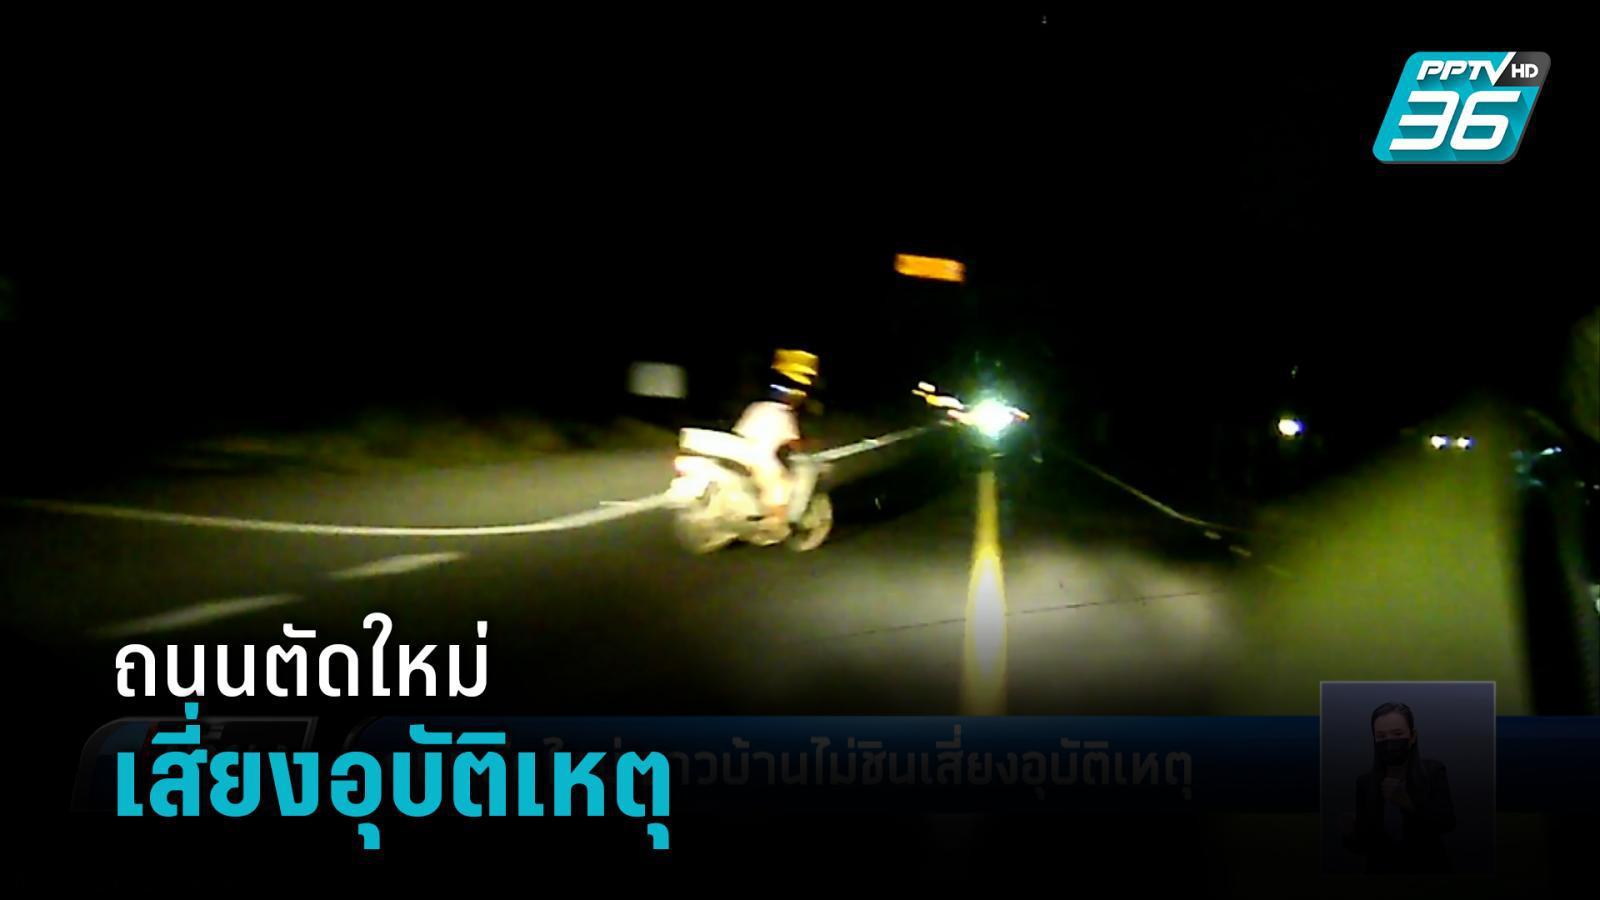 ถนนตัดใหม่ ชาวบ้านไม่ชินเสี่ยงอุบัติเหตุ